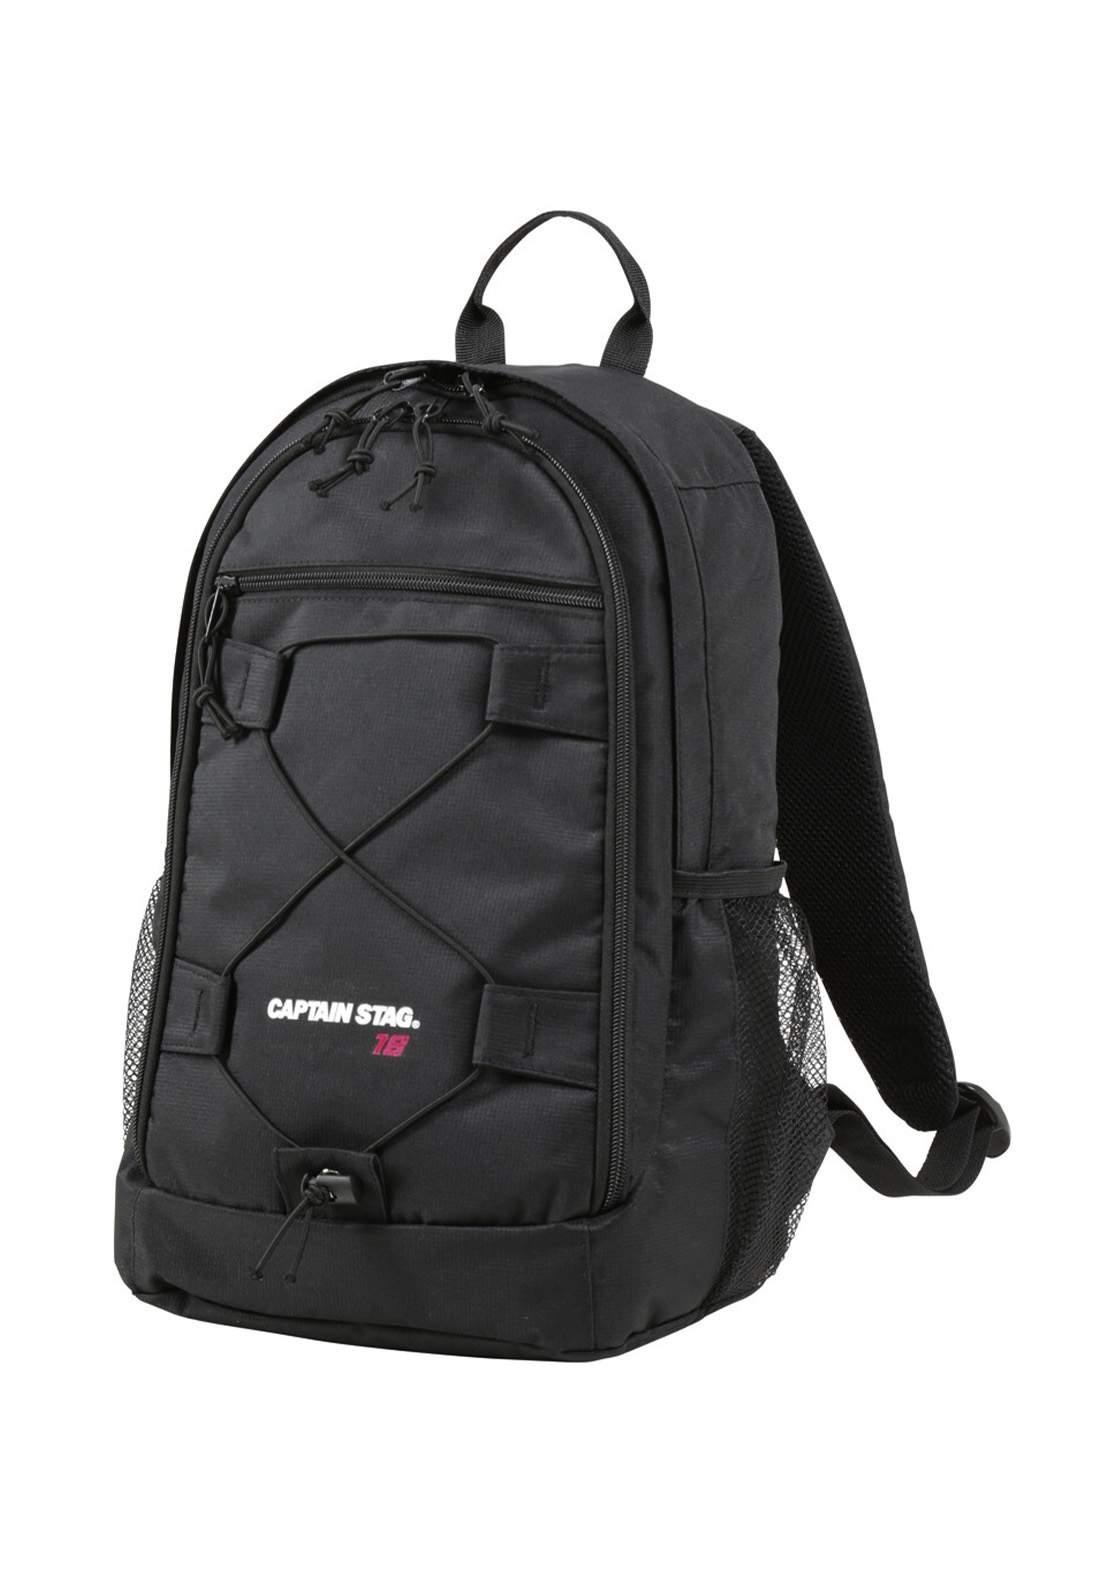 Captain Stag Um-2321 Rucksack Backpack Mountaineering Bag Trekking Zack Day Bag Black Feel Bosco حقيبة ظهر رياضية